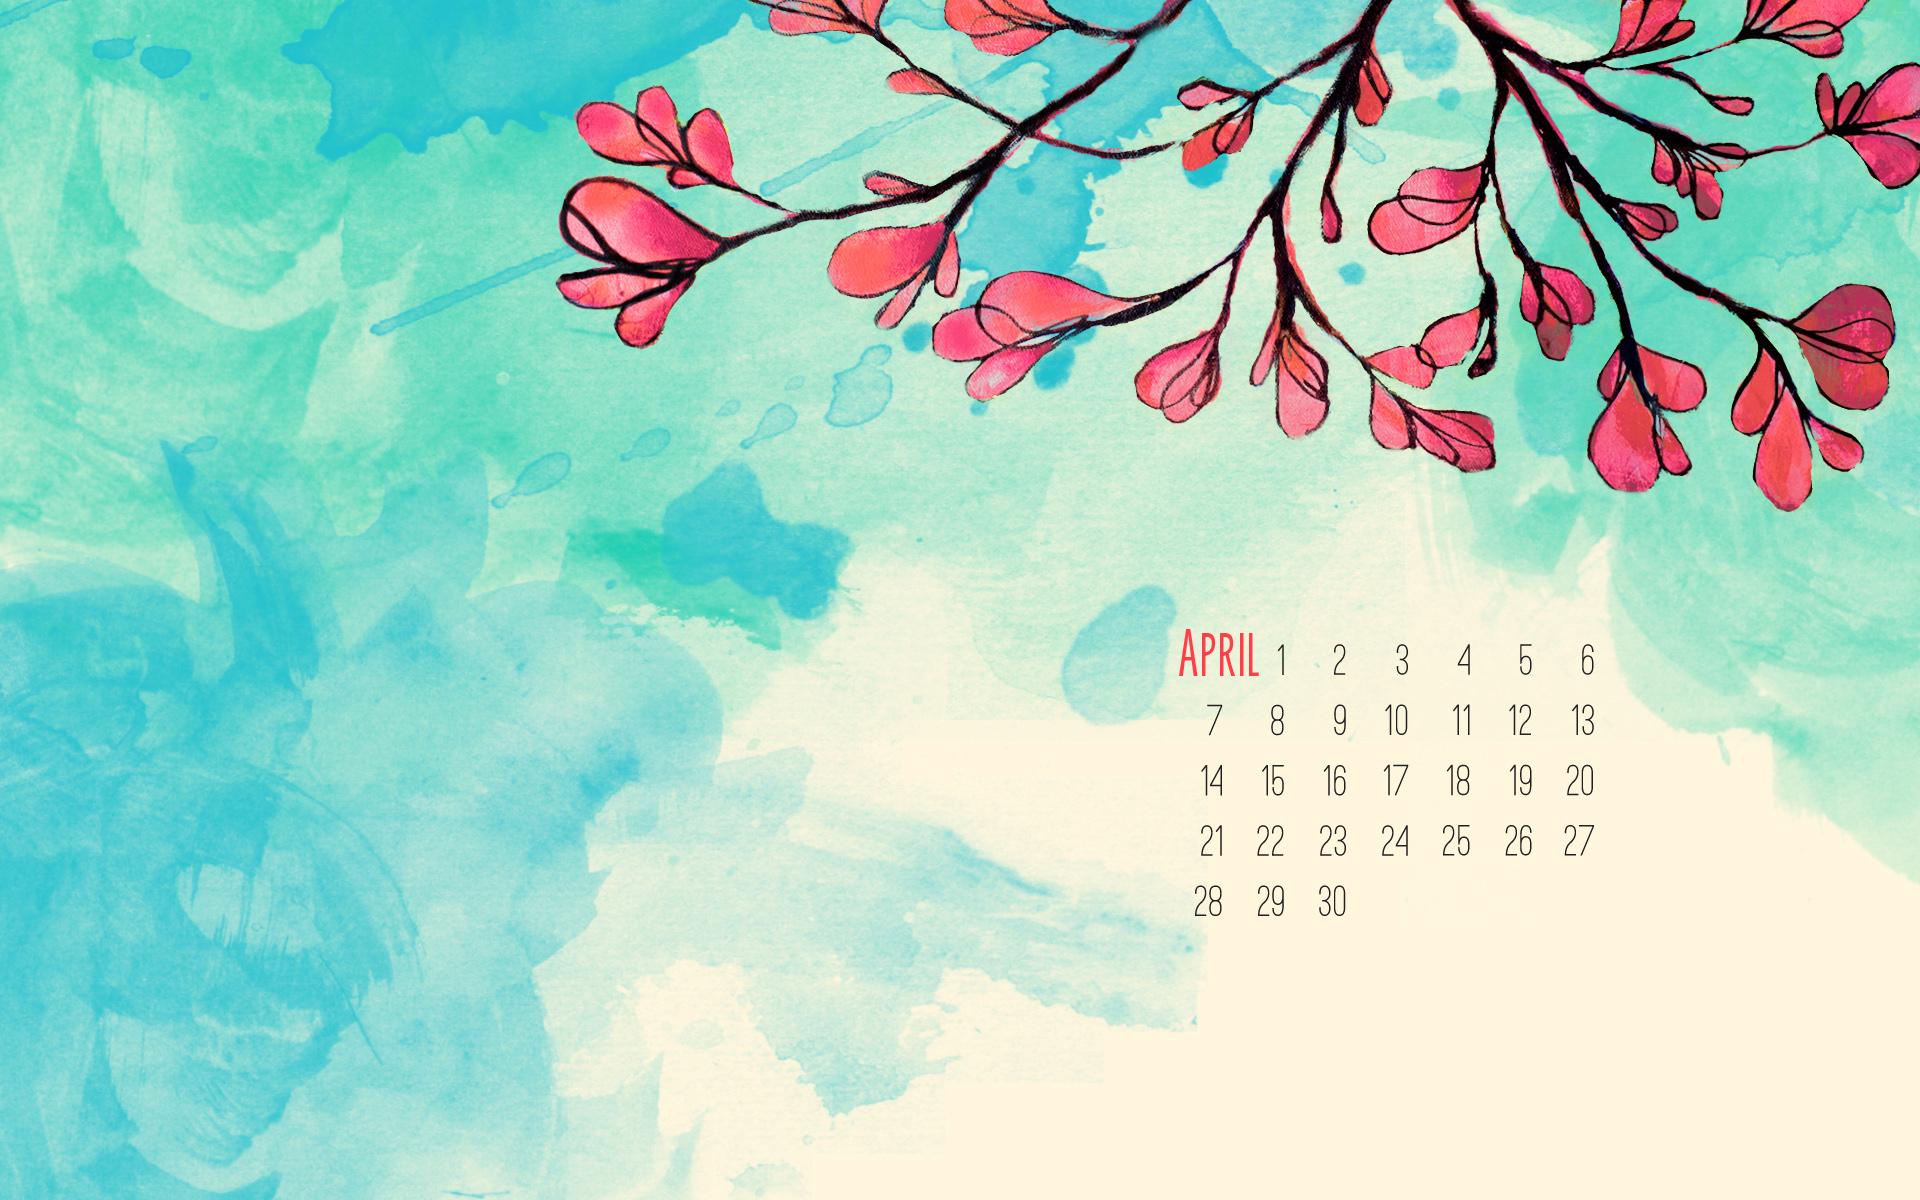 April Wallpaper April desktop wallpaper 1920x1200